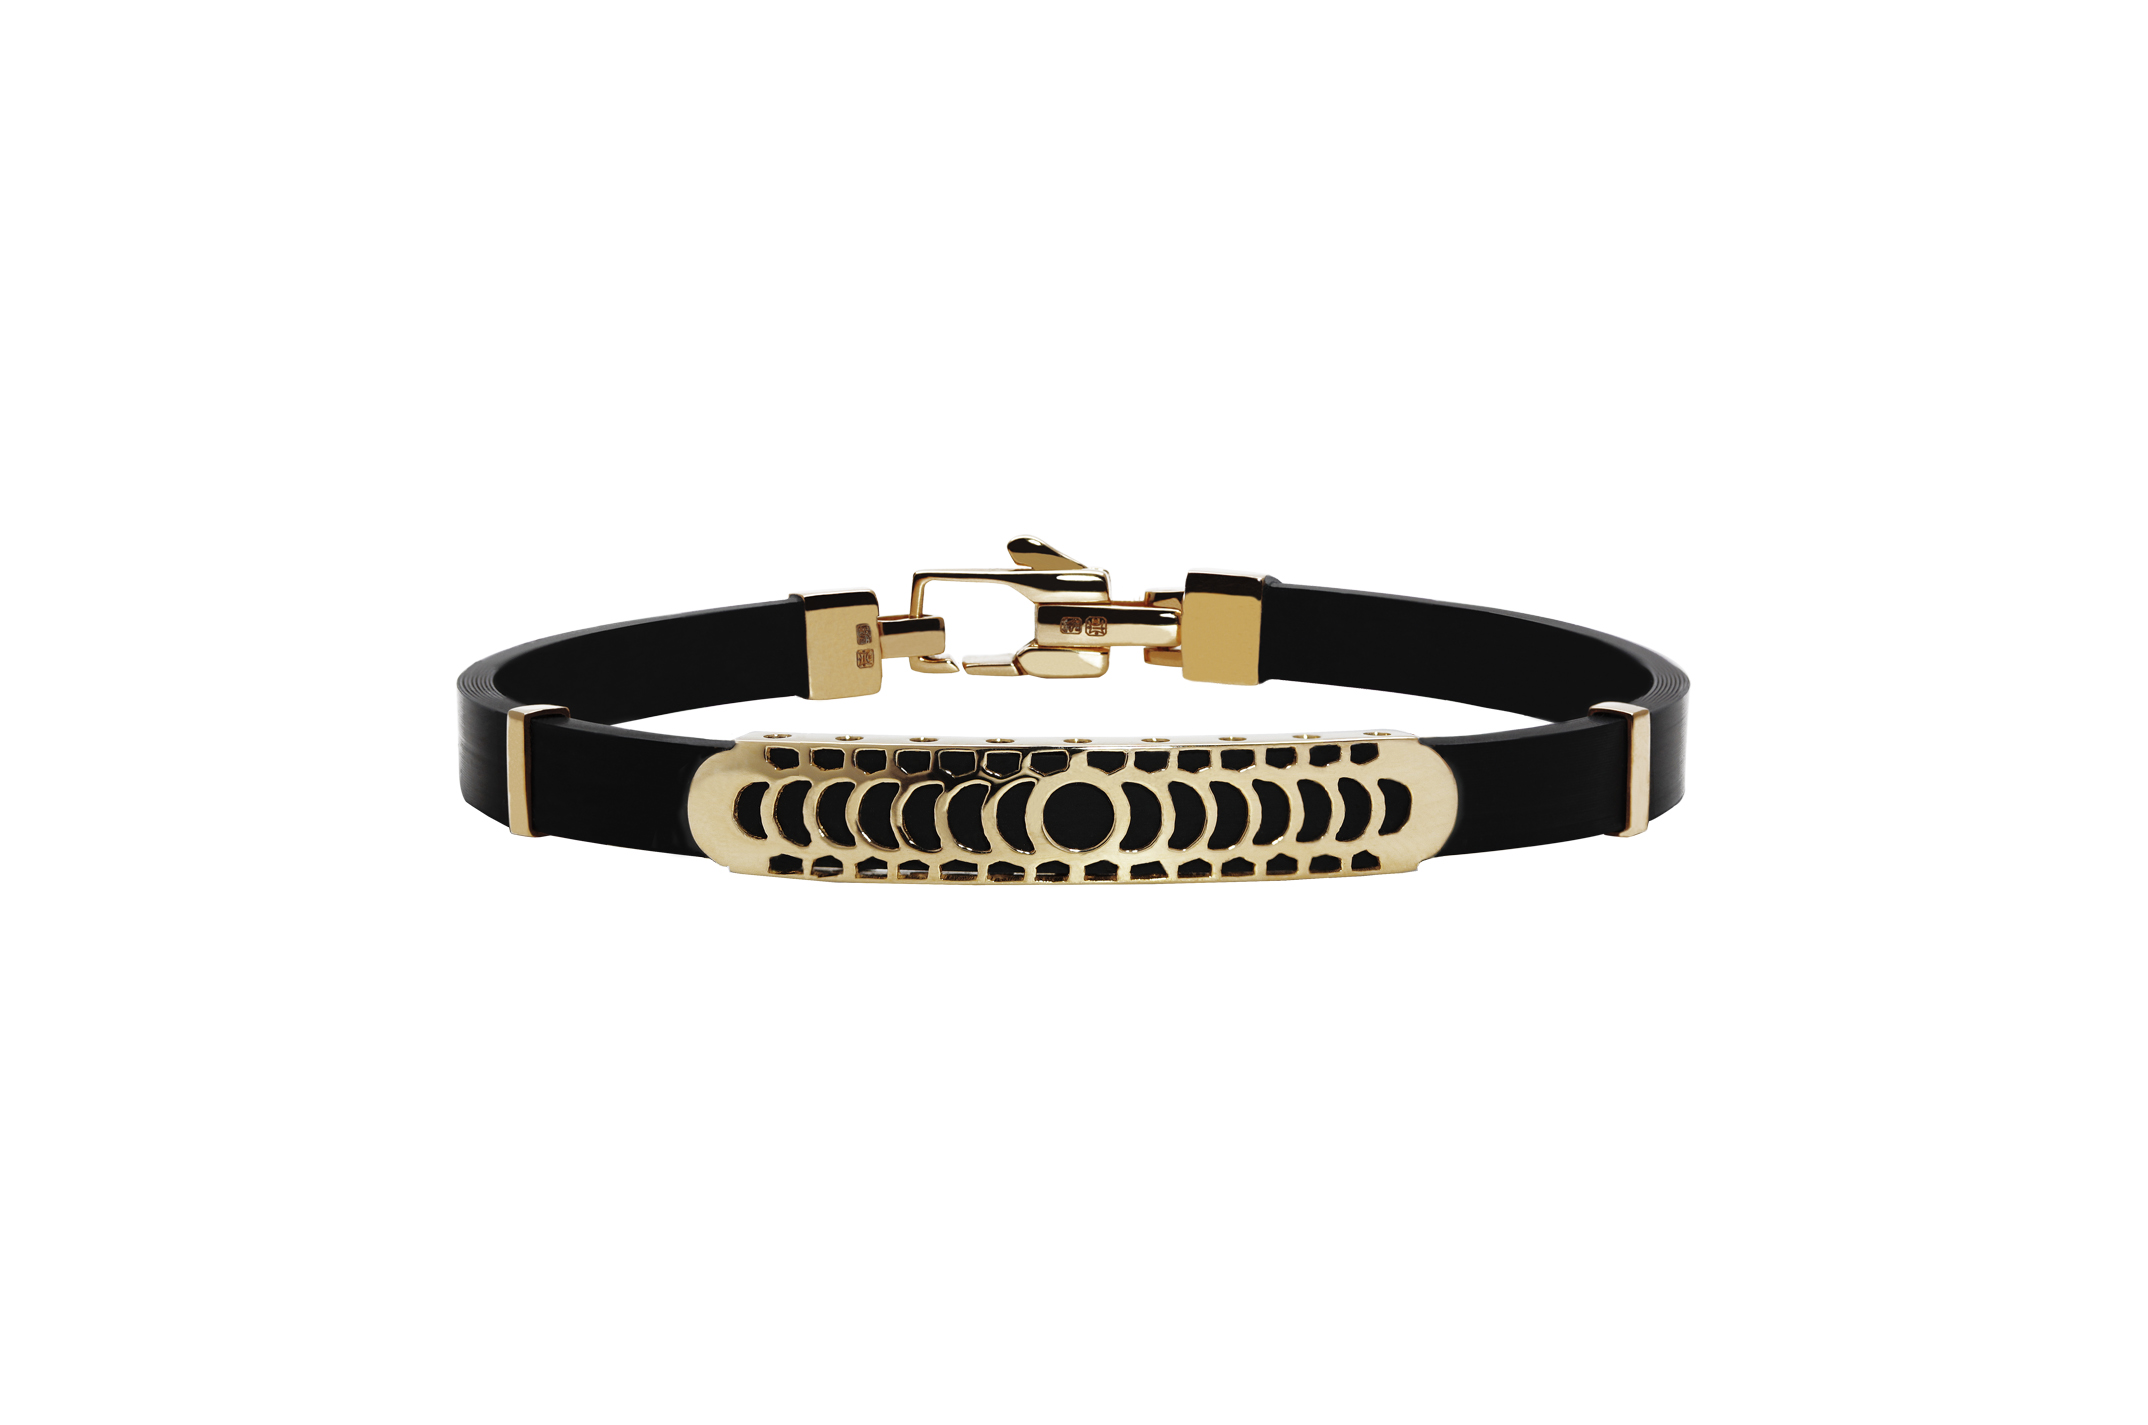 Joia: pulseira;Material: ouro 19.25 kt;Peso: 7.9 gr;Cor: amarelo;Medida Largura: 0.5 cm;Media Comprimento: ajustável a pedido;Género: homem